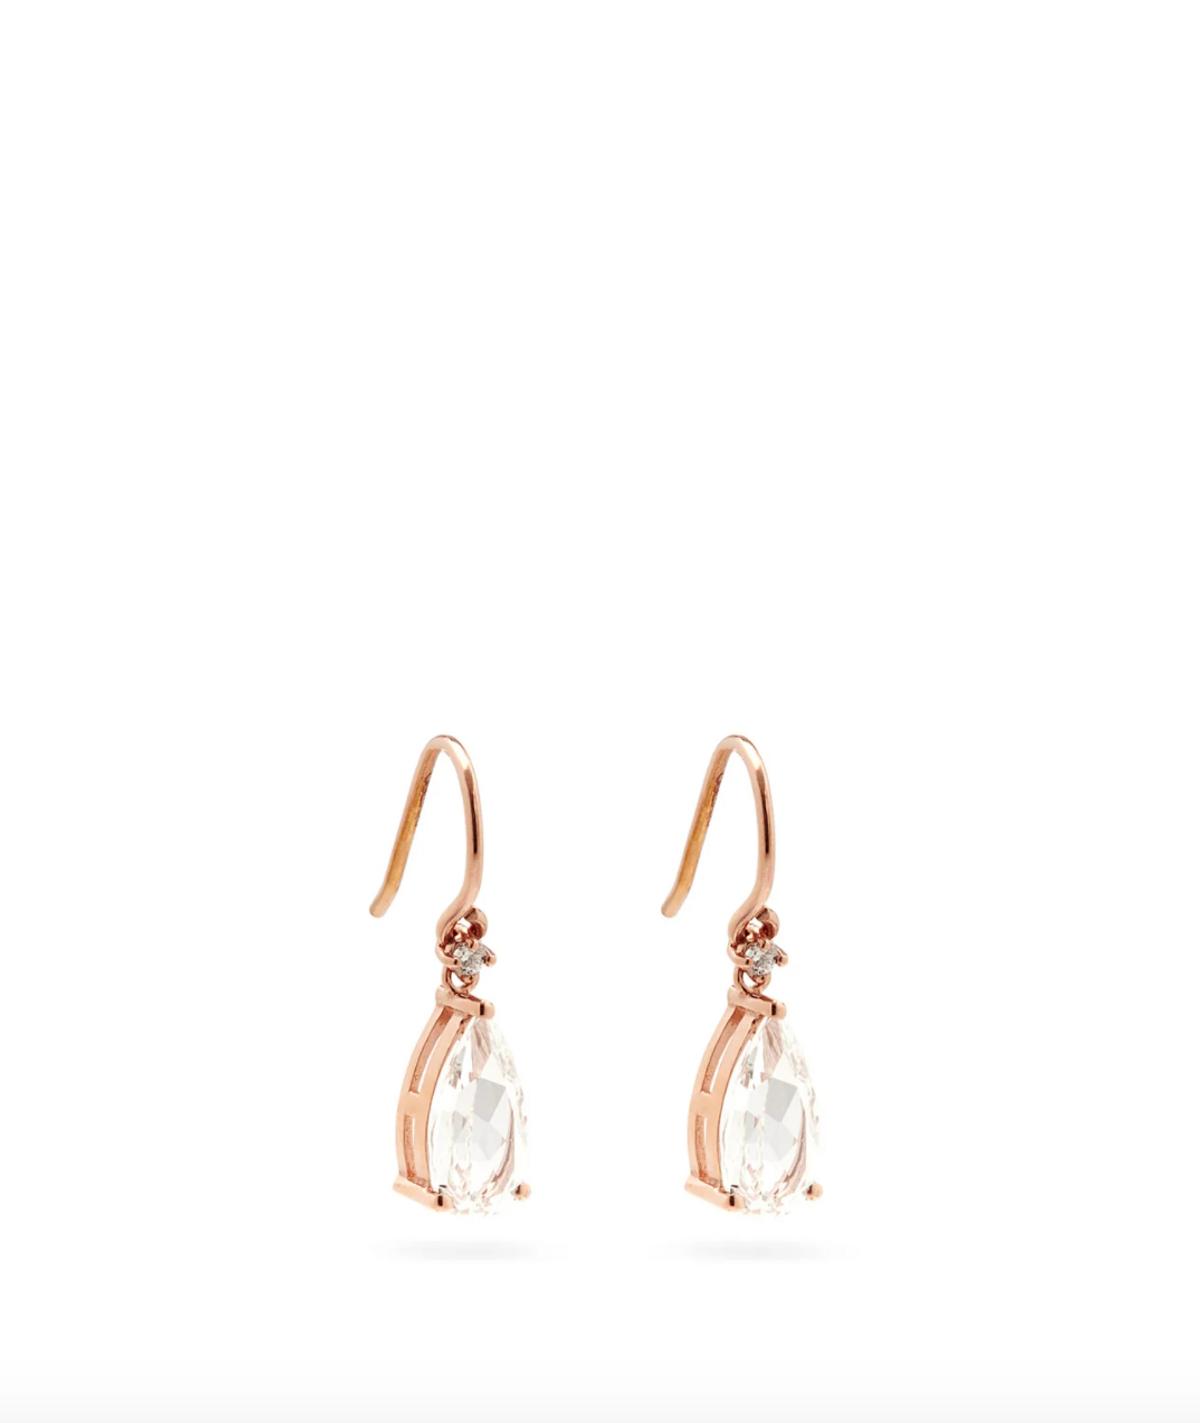 Diamond, Topaz, & 14kt Rose-Gold Drop Earrings